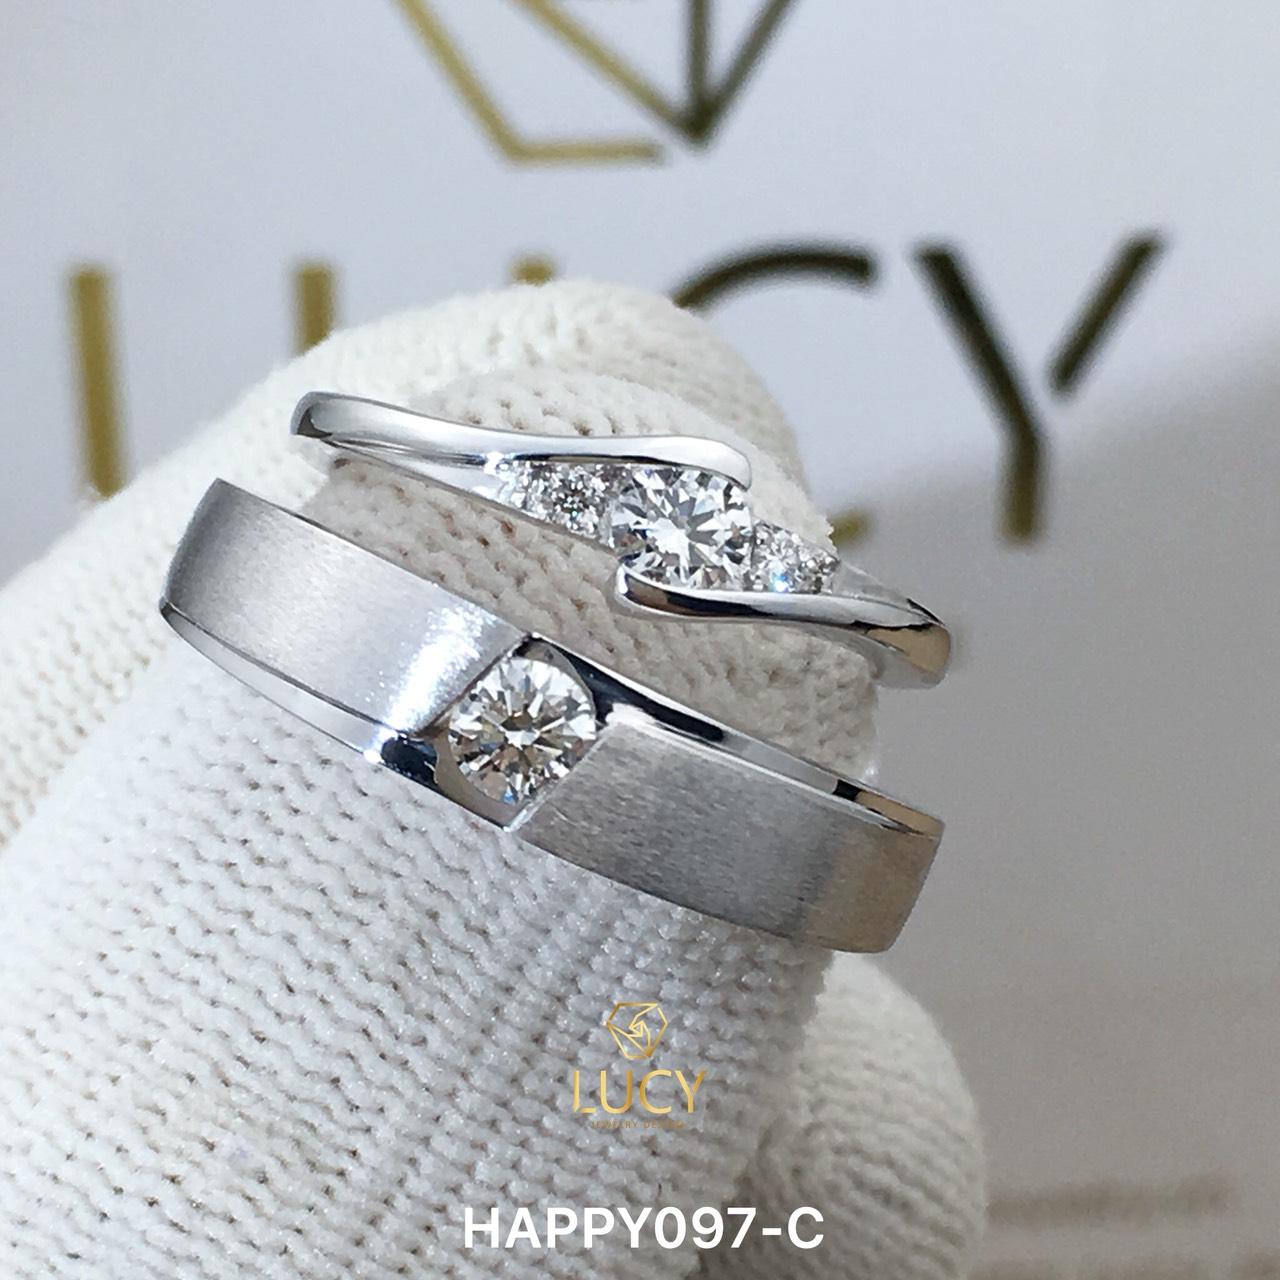 HAPPY097-C_PT Nhẫn cưới bạch kim cao cấp Platinum 90% PT900 đính kim cương tự nhiên - Lucy Jewelry